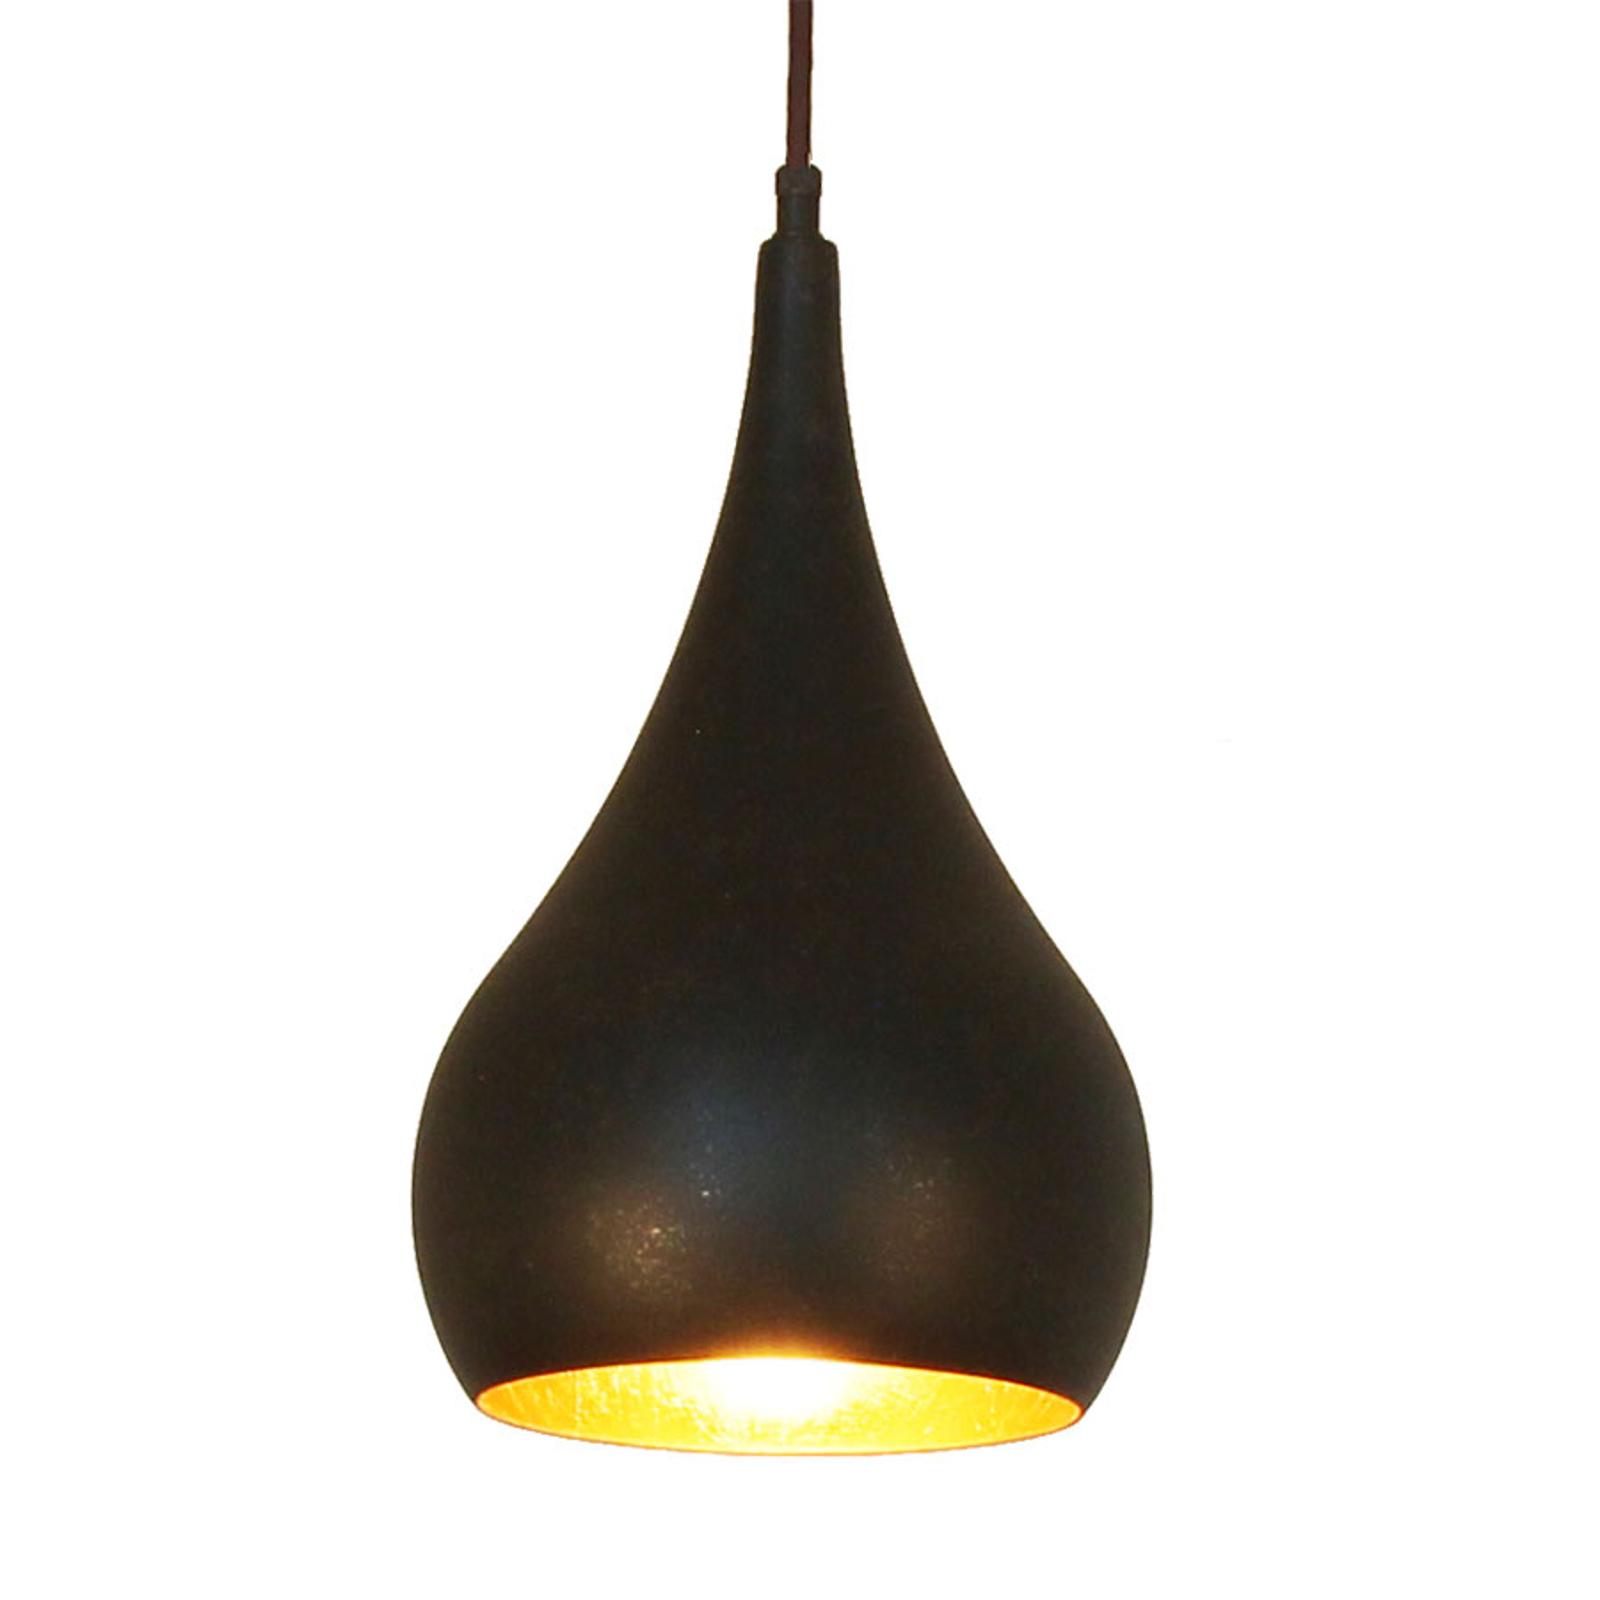 Menzel Solo hengelampe løk brun-svart, 16cm